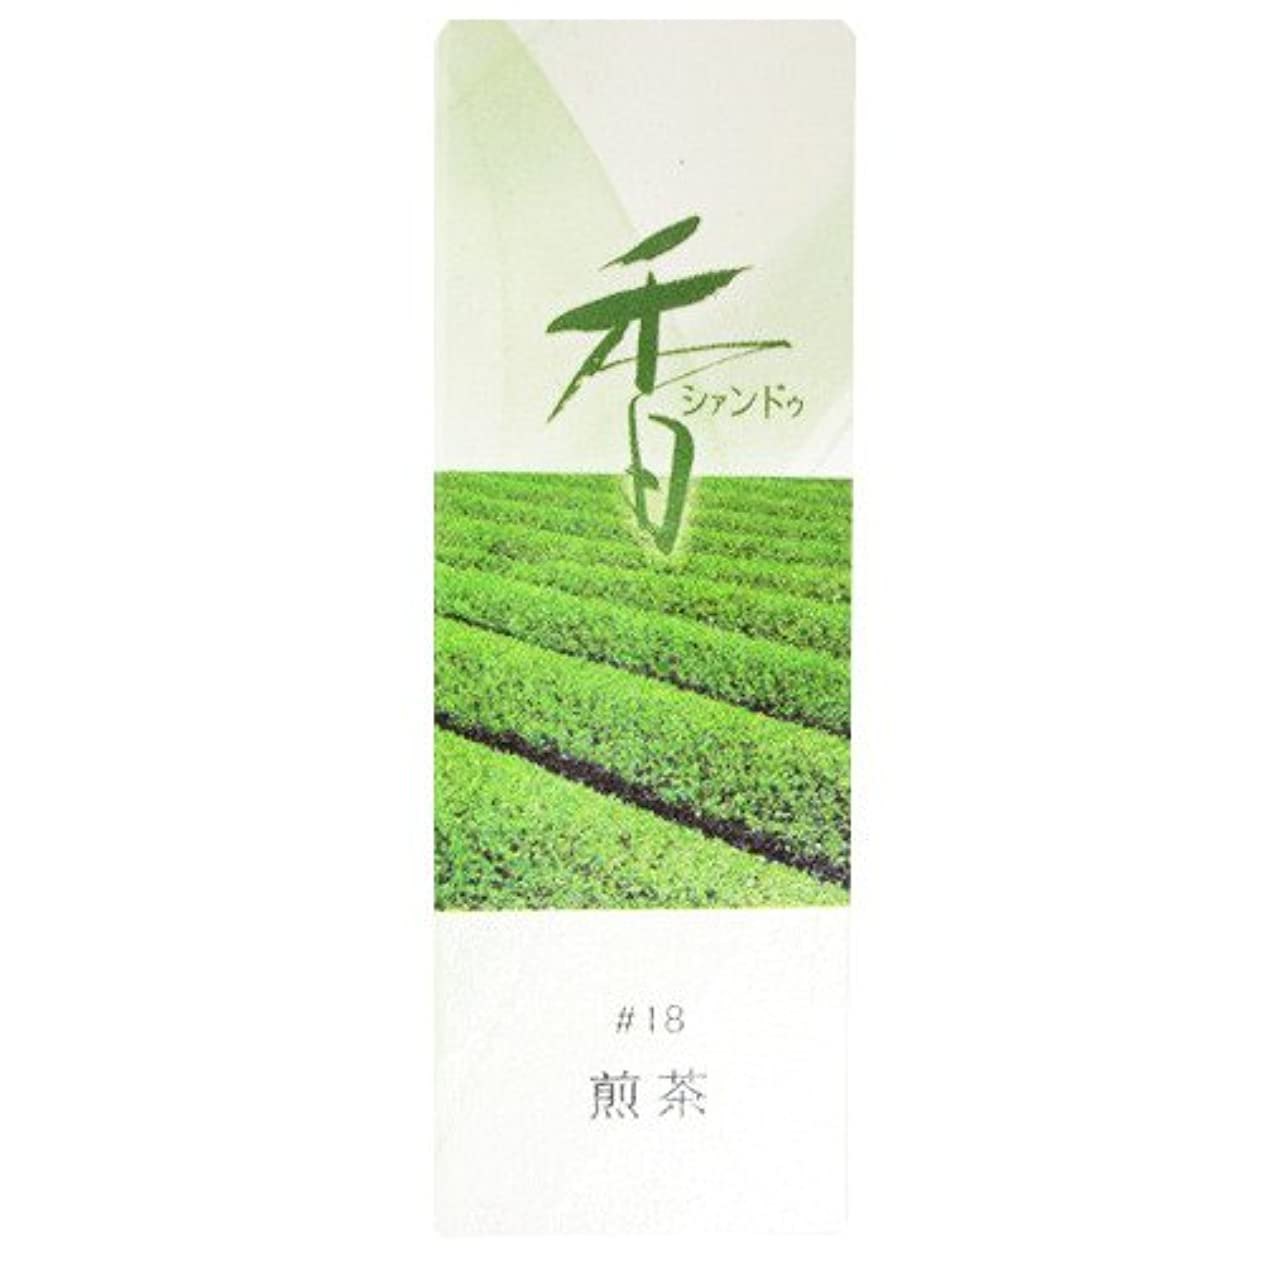 西駅シャーロットブロンテ松栄堂のお香 Xiang Do(シャンドゥ) 煎茶 ST20本入 簡易香立付 #214218